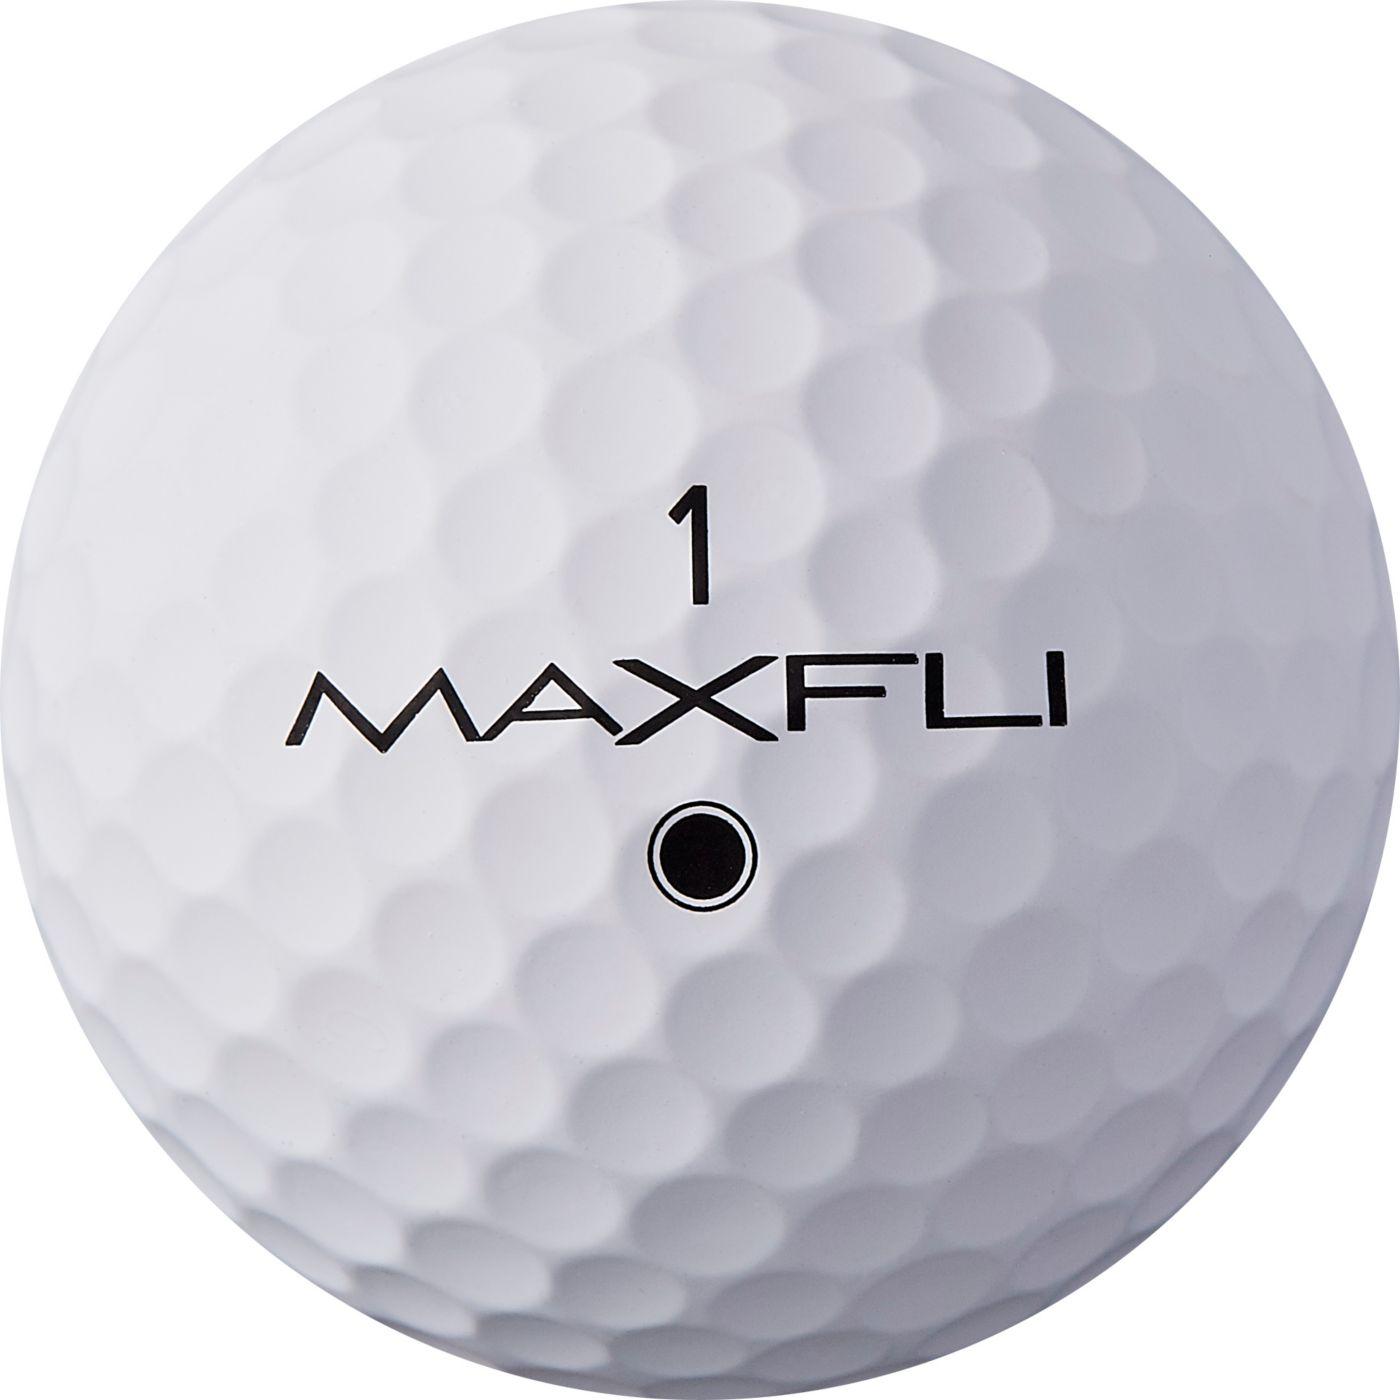 Maxfli 2019 Tour Matte White Golf Balls